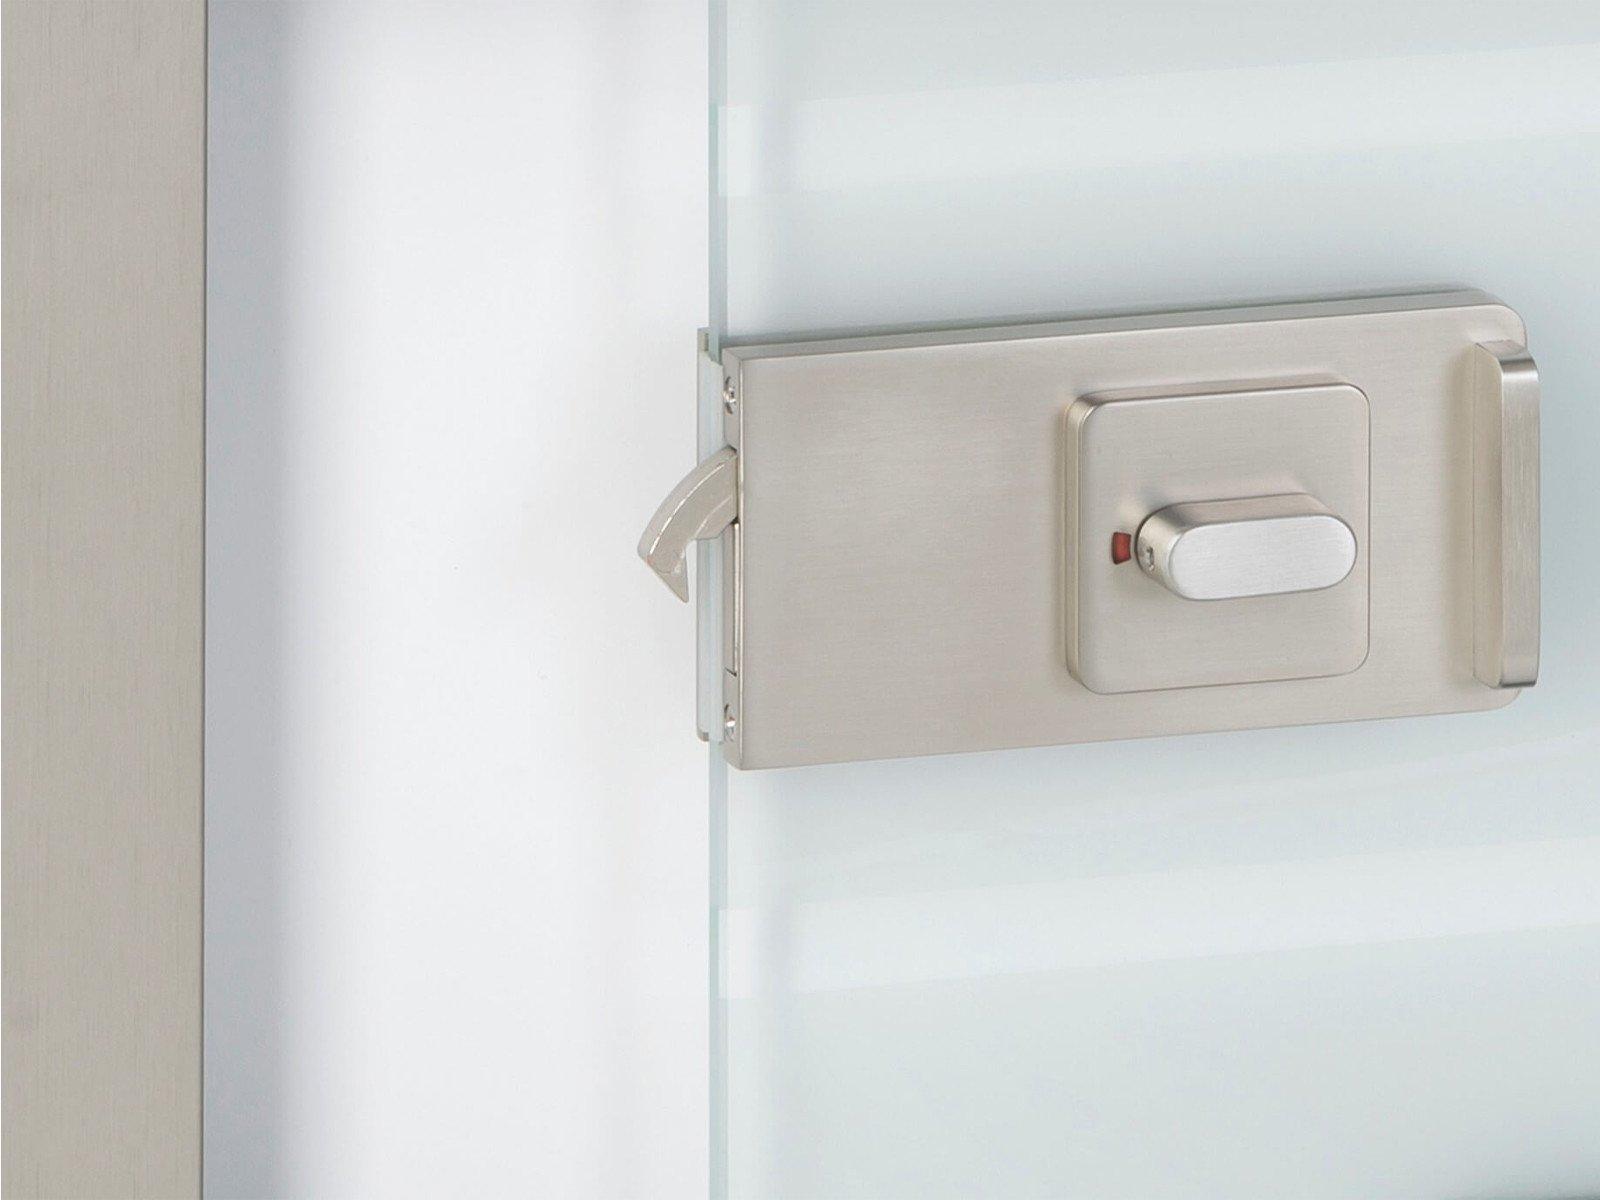 WC Schloss für Schiebetür aus Glas mit Softclose Funktion